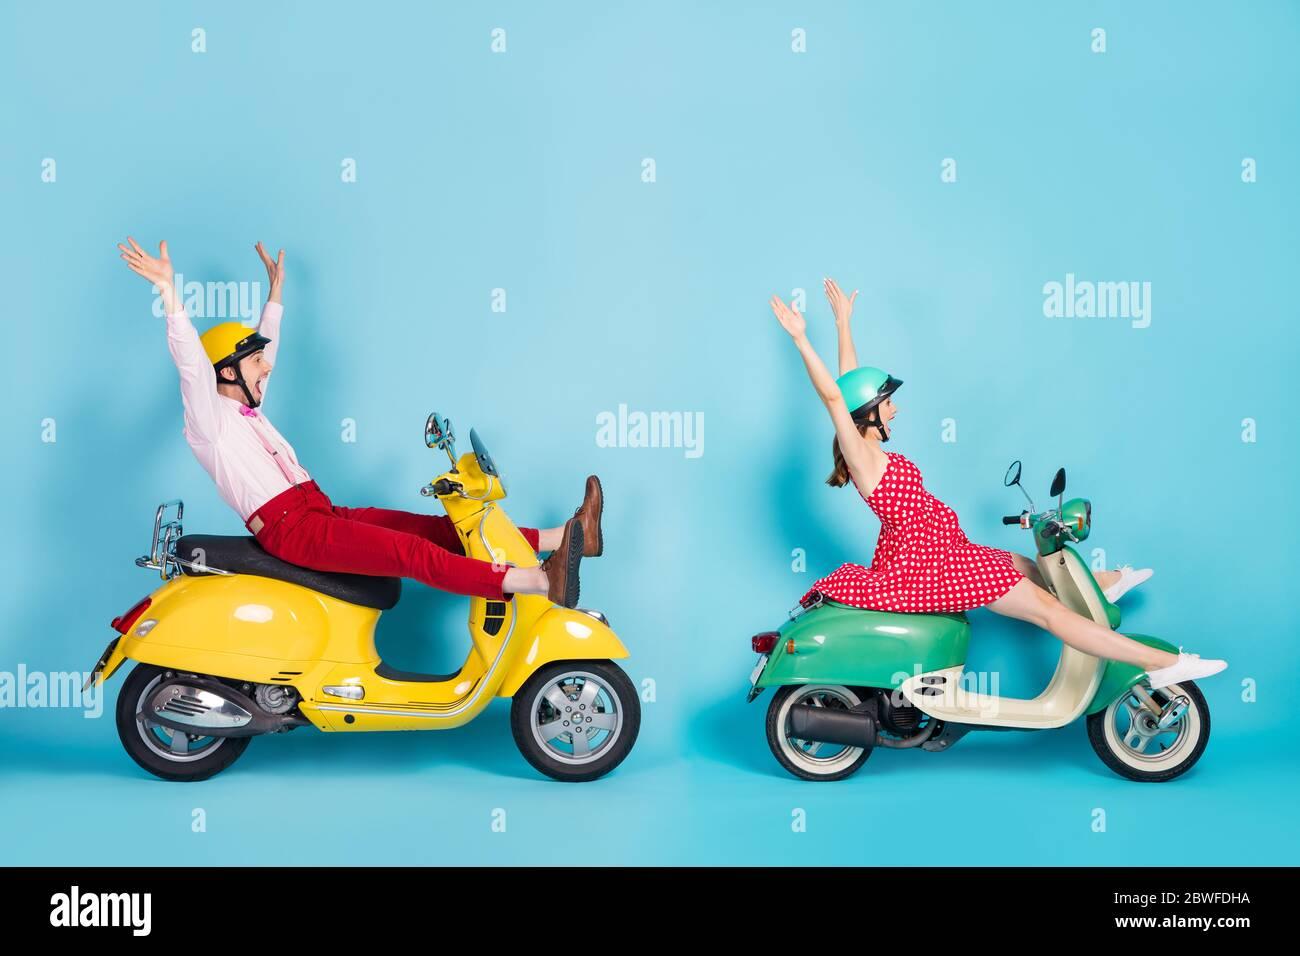 Foto de perfil de tamaño completo de la señora tonta pareja de dos viajeros en ciclomotor retro fácil manera de separar piernas montar sin brazos con ropa vintage divertido Foto de stock